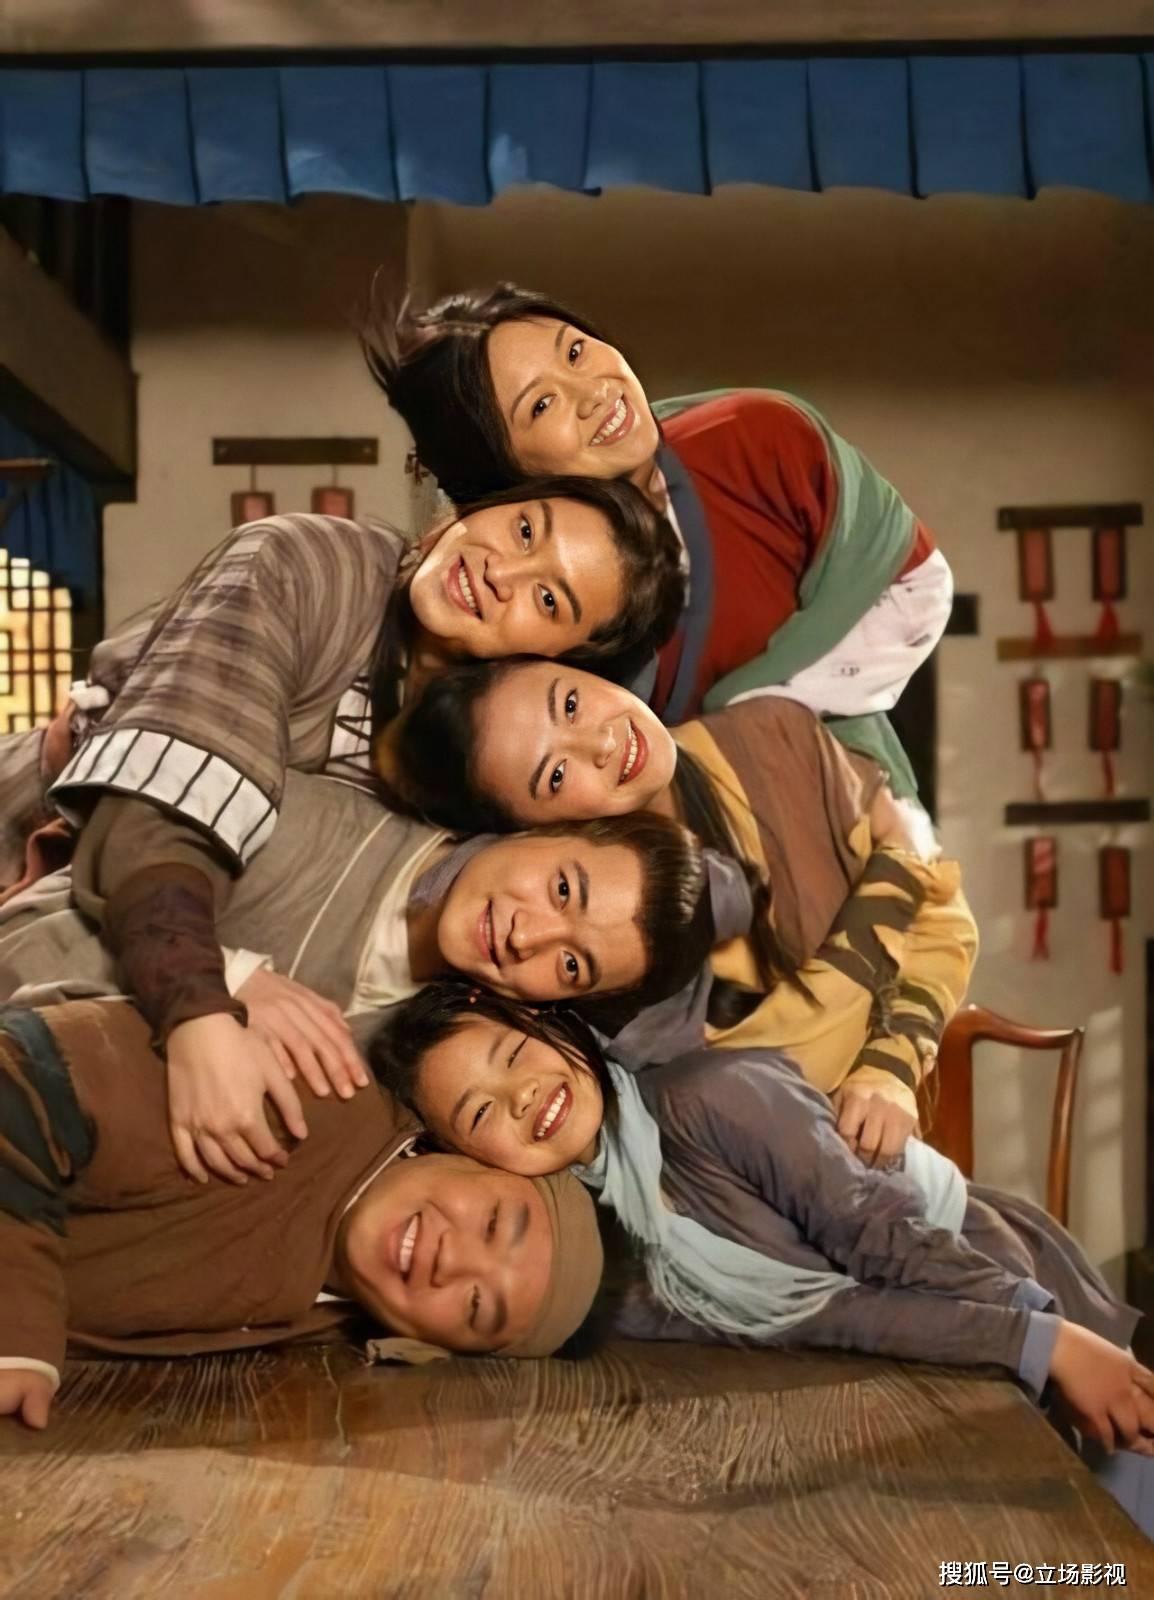 《一宅家族》首播,张海宇搞笑显功力,纯正的情景喜剧,久违了